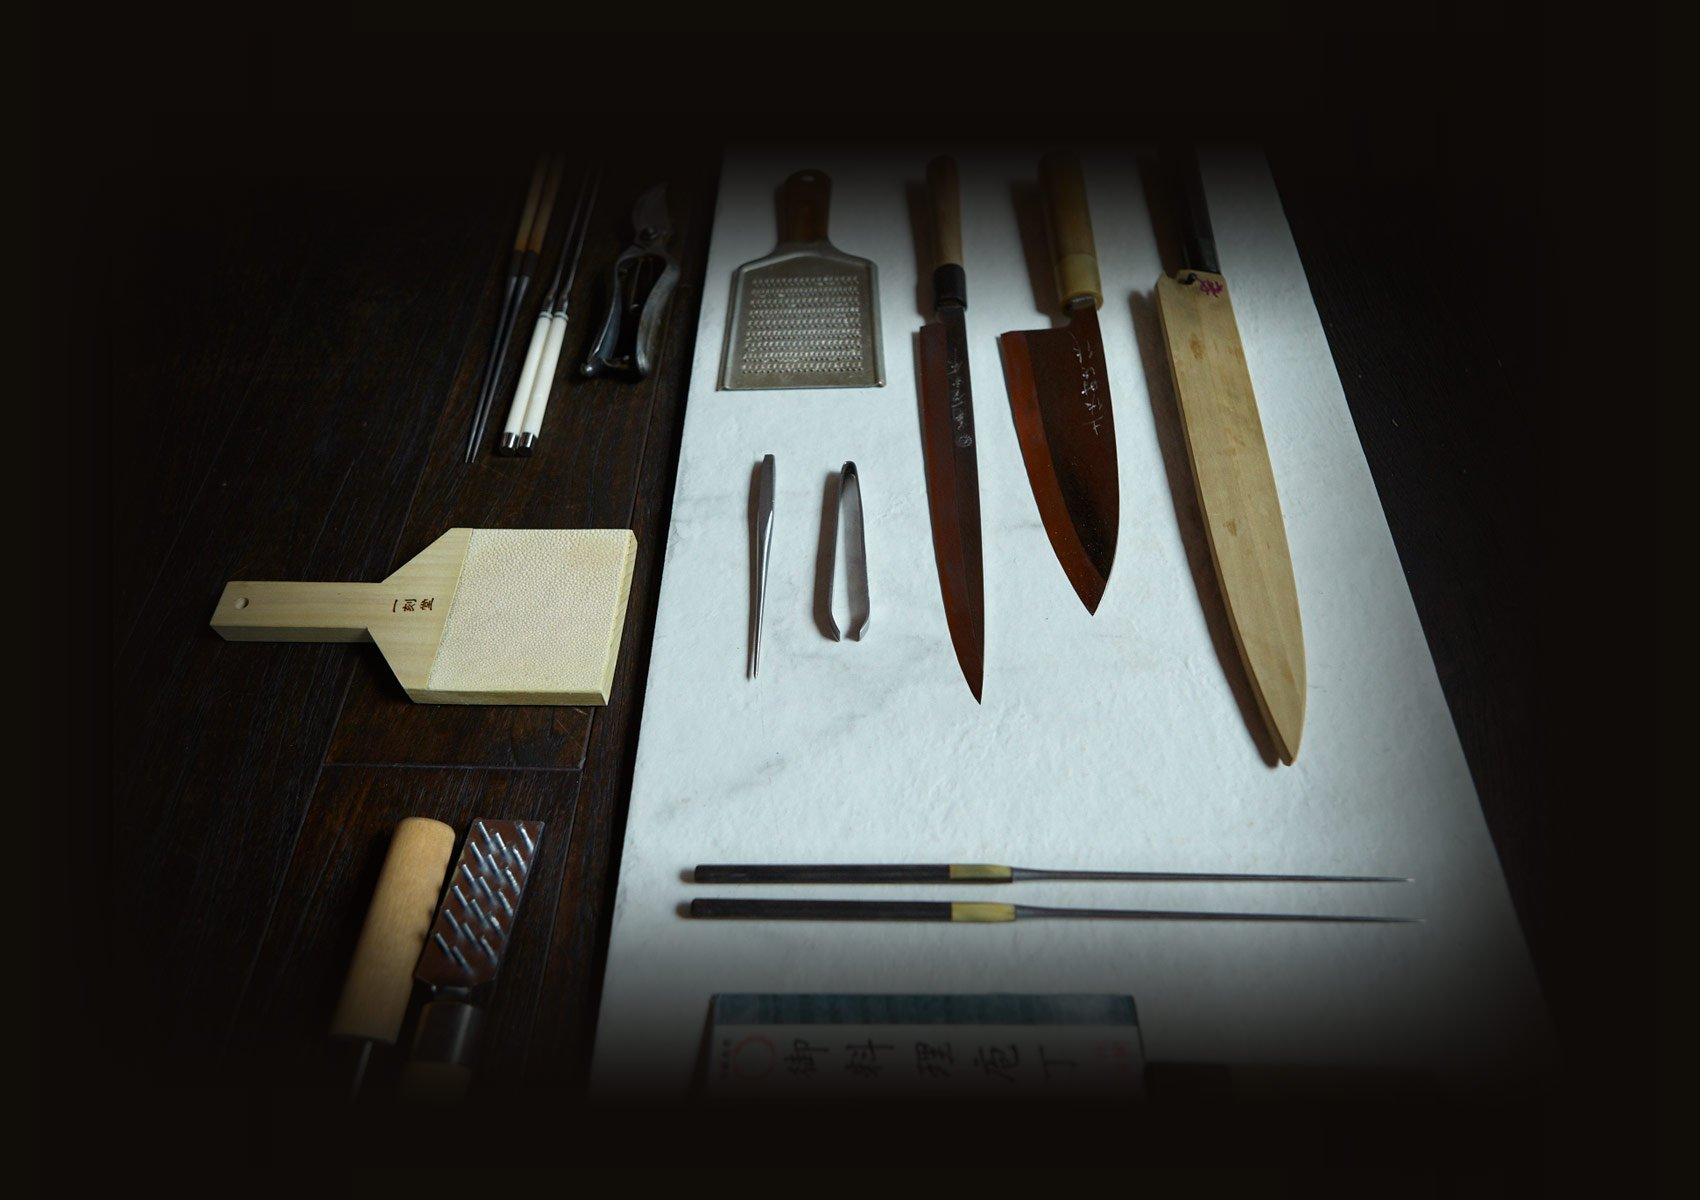 The instruments of Renown Chef Nobu Matsuhisa